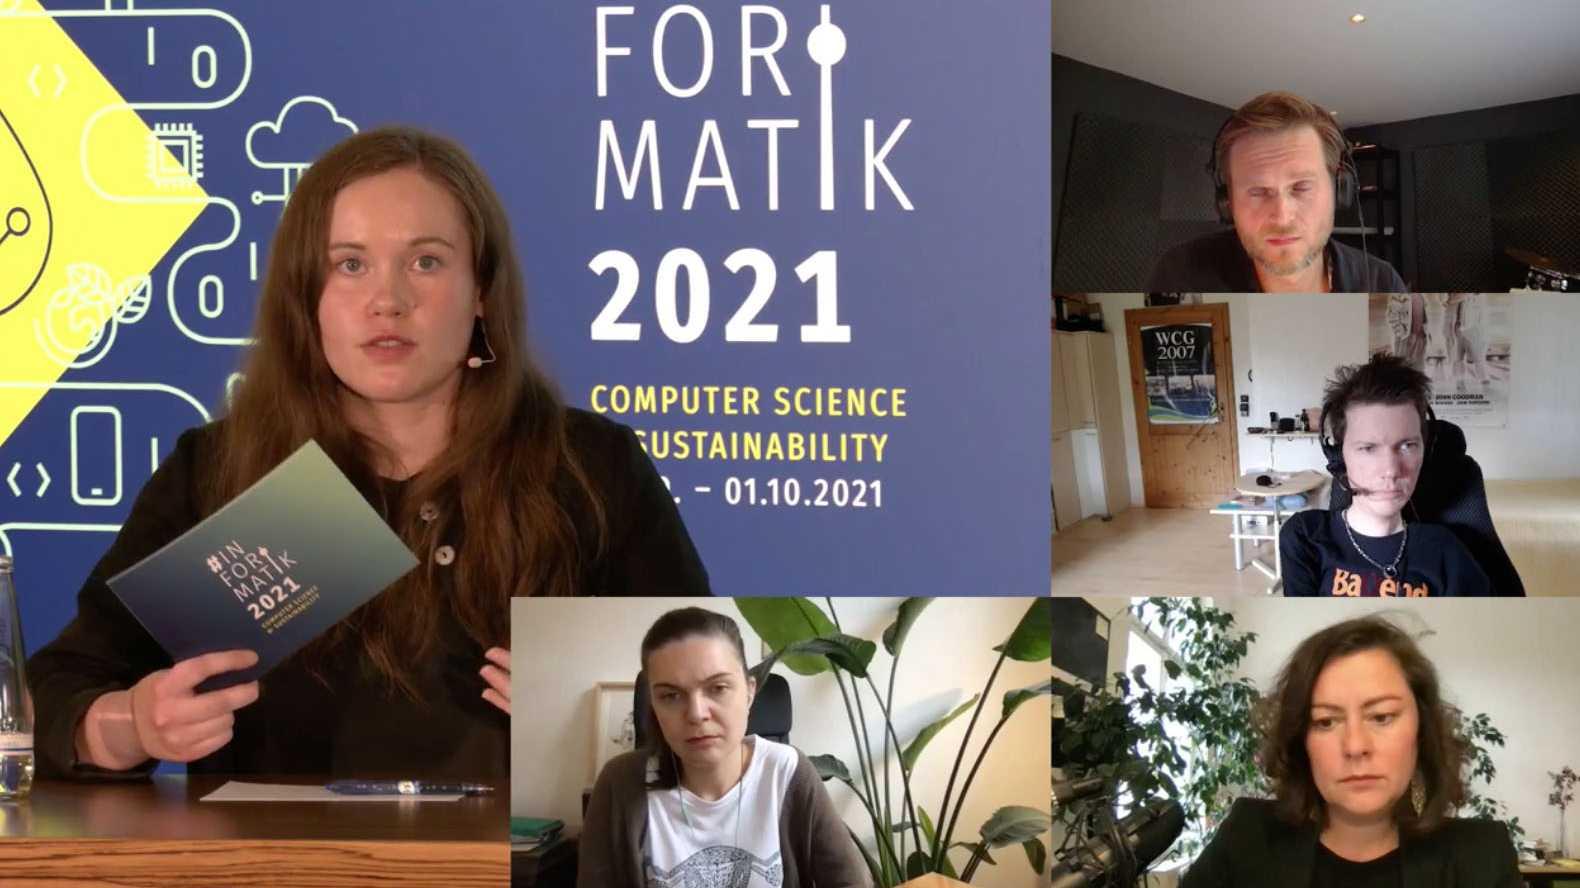 5 Teilnehmer einer Videokonferenz auf einem Bildschirm